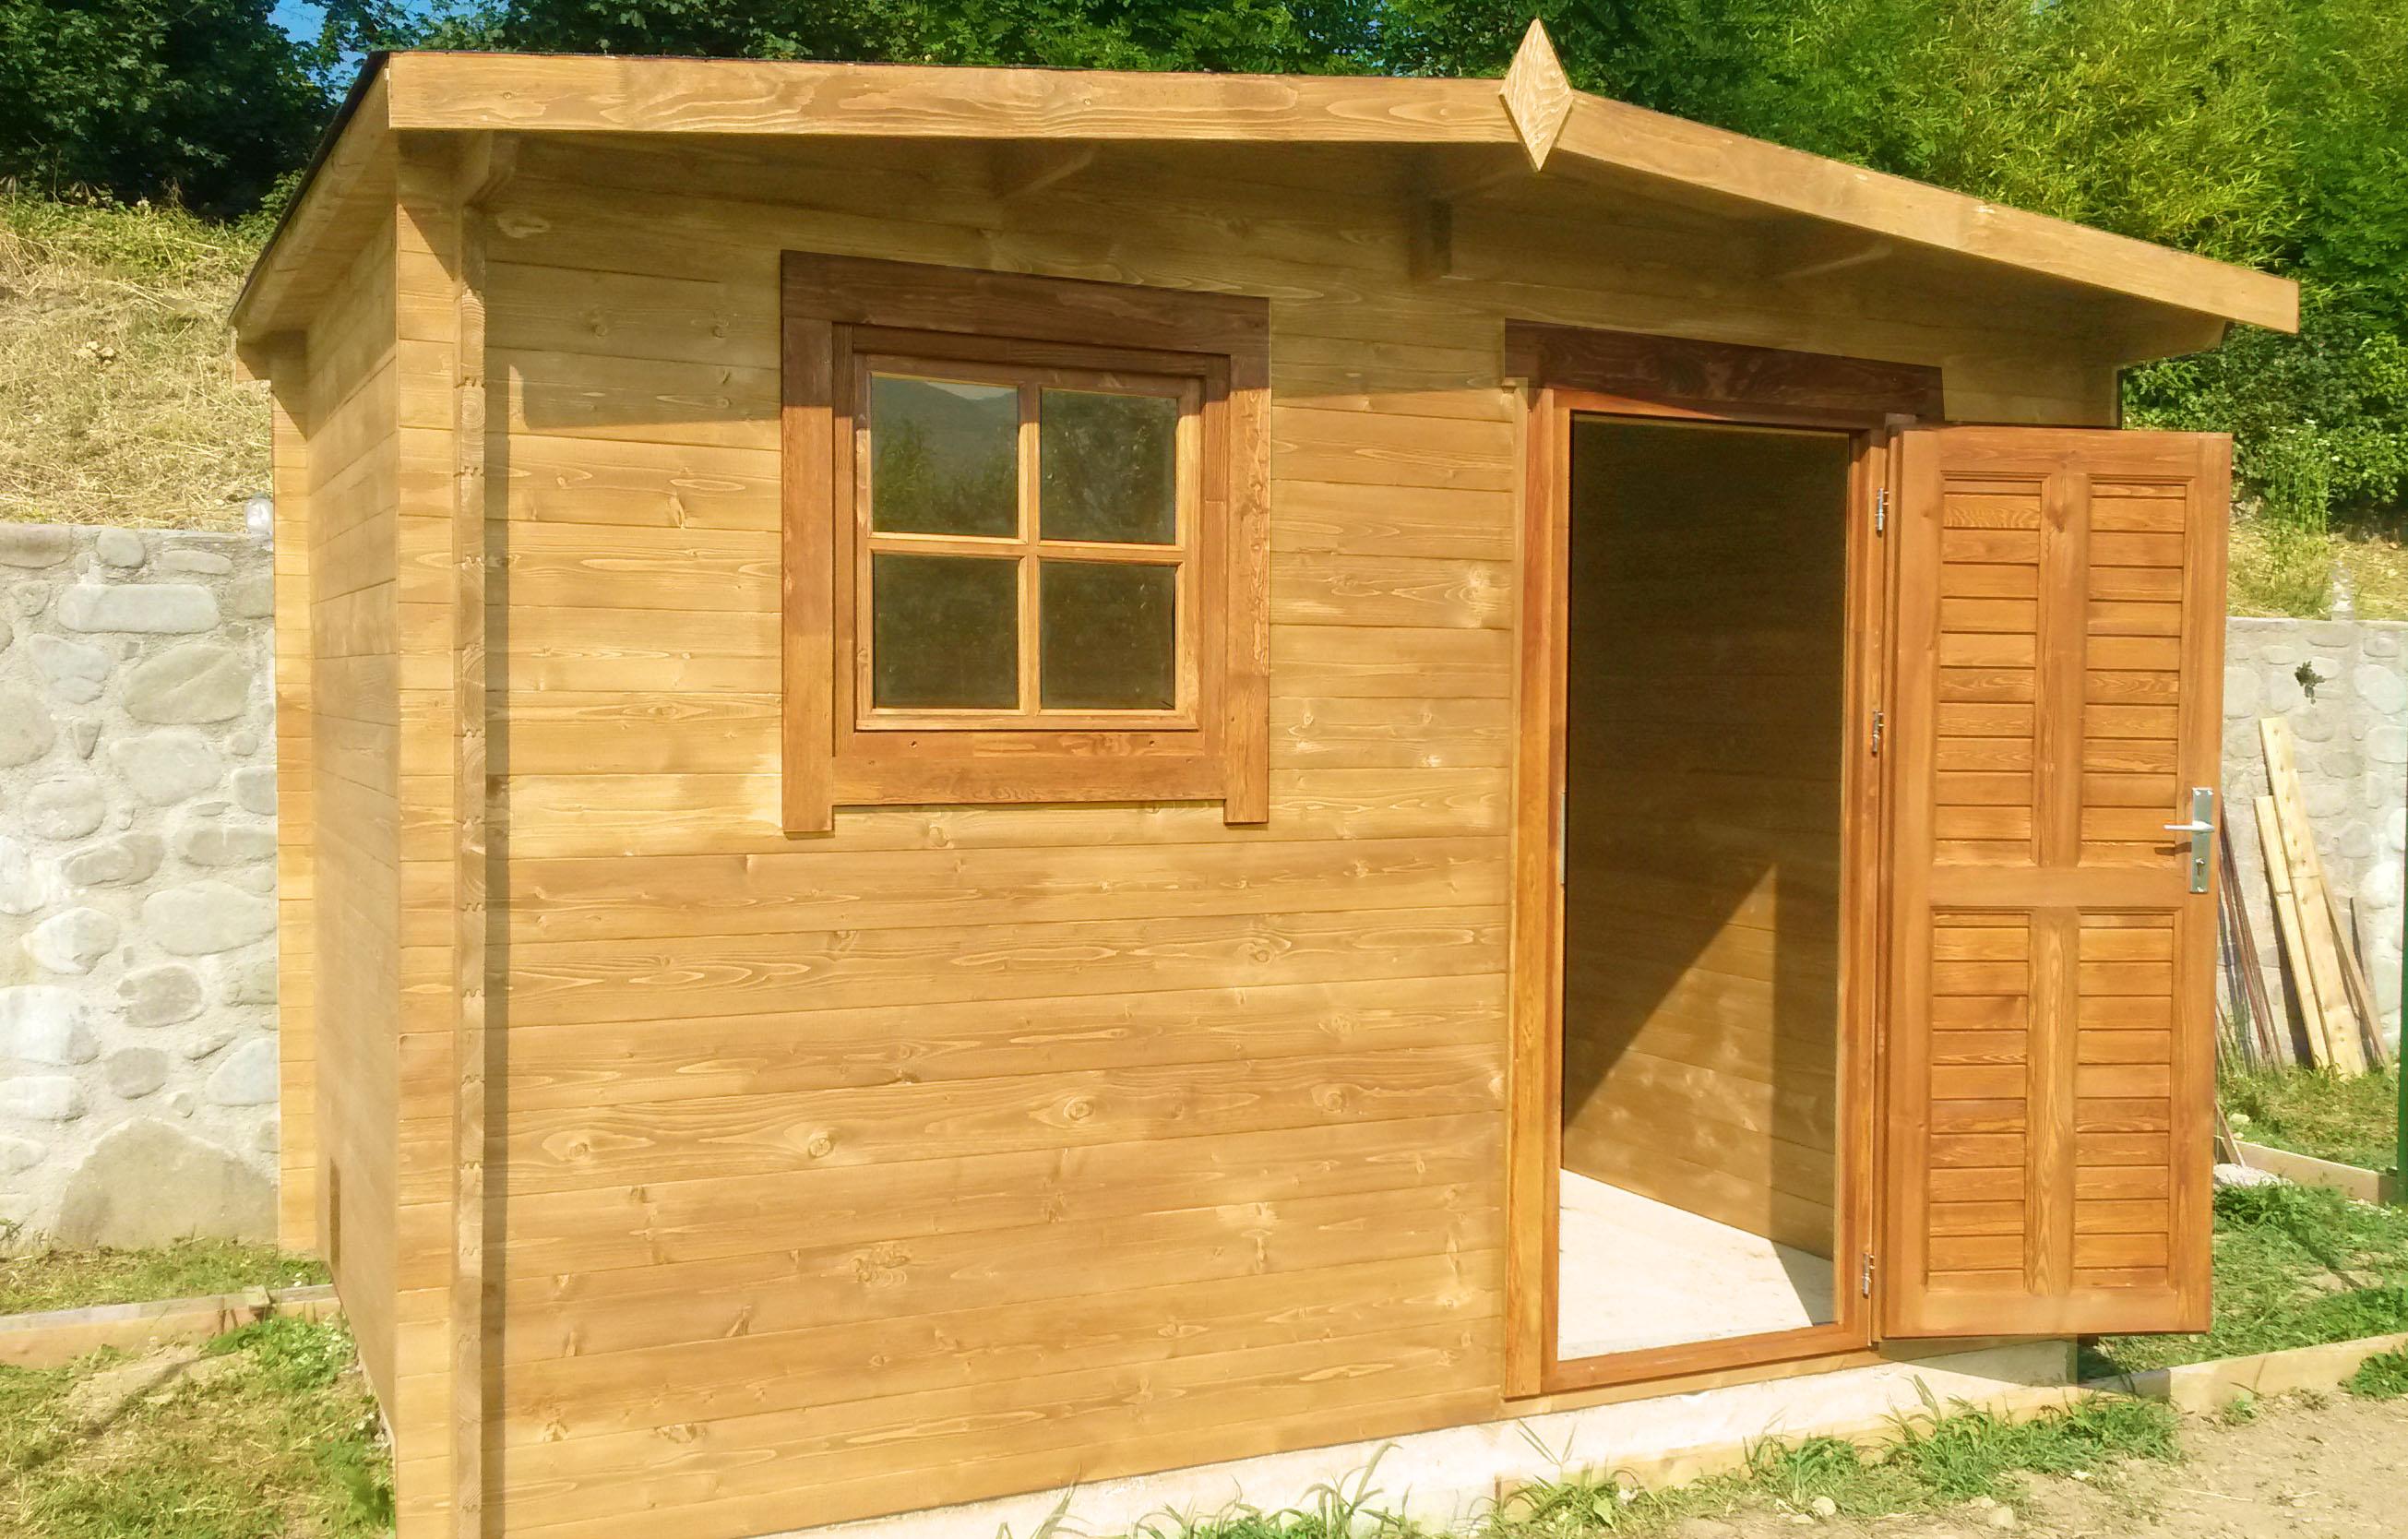 Case mobili preingressi roulotte casette in legno tettoie pedane coperture roulotte verande - Casette mobili in legno ...